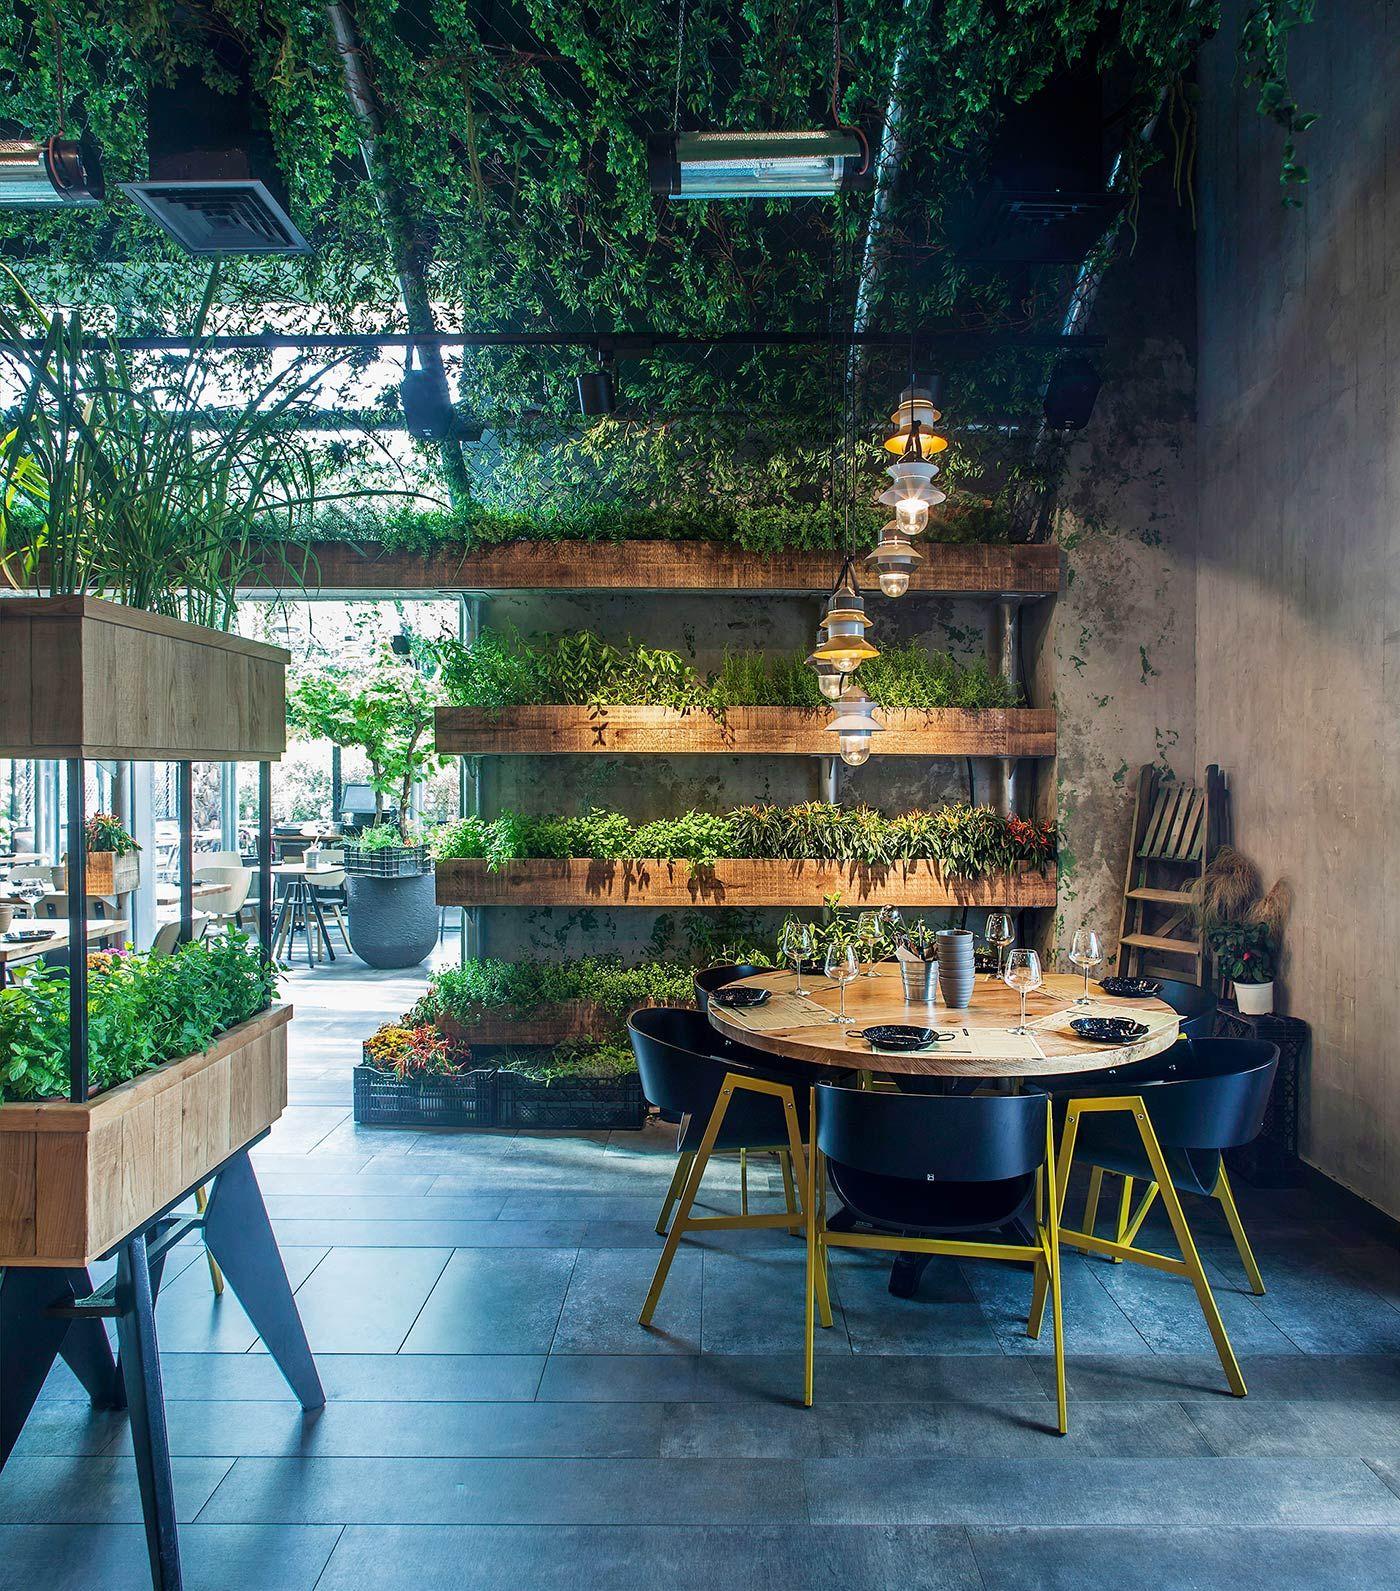 Segev Kitchen Garden Restaurant in Israel | Indoor Garden Ideas ...